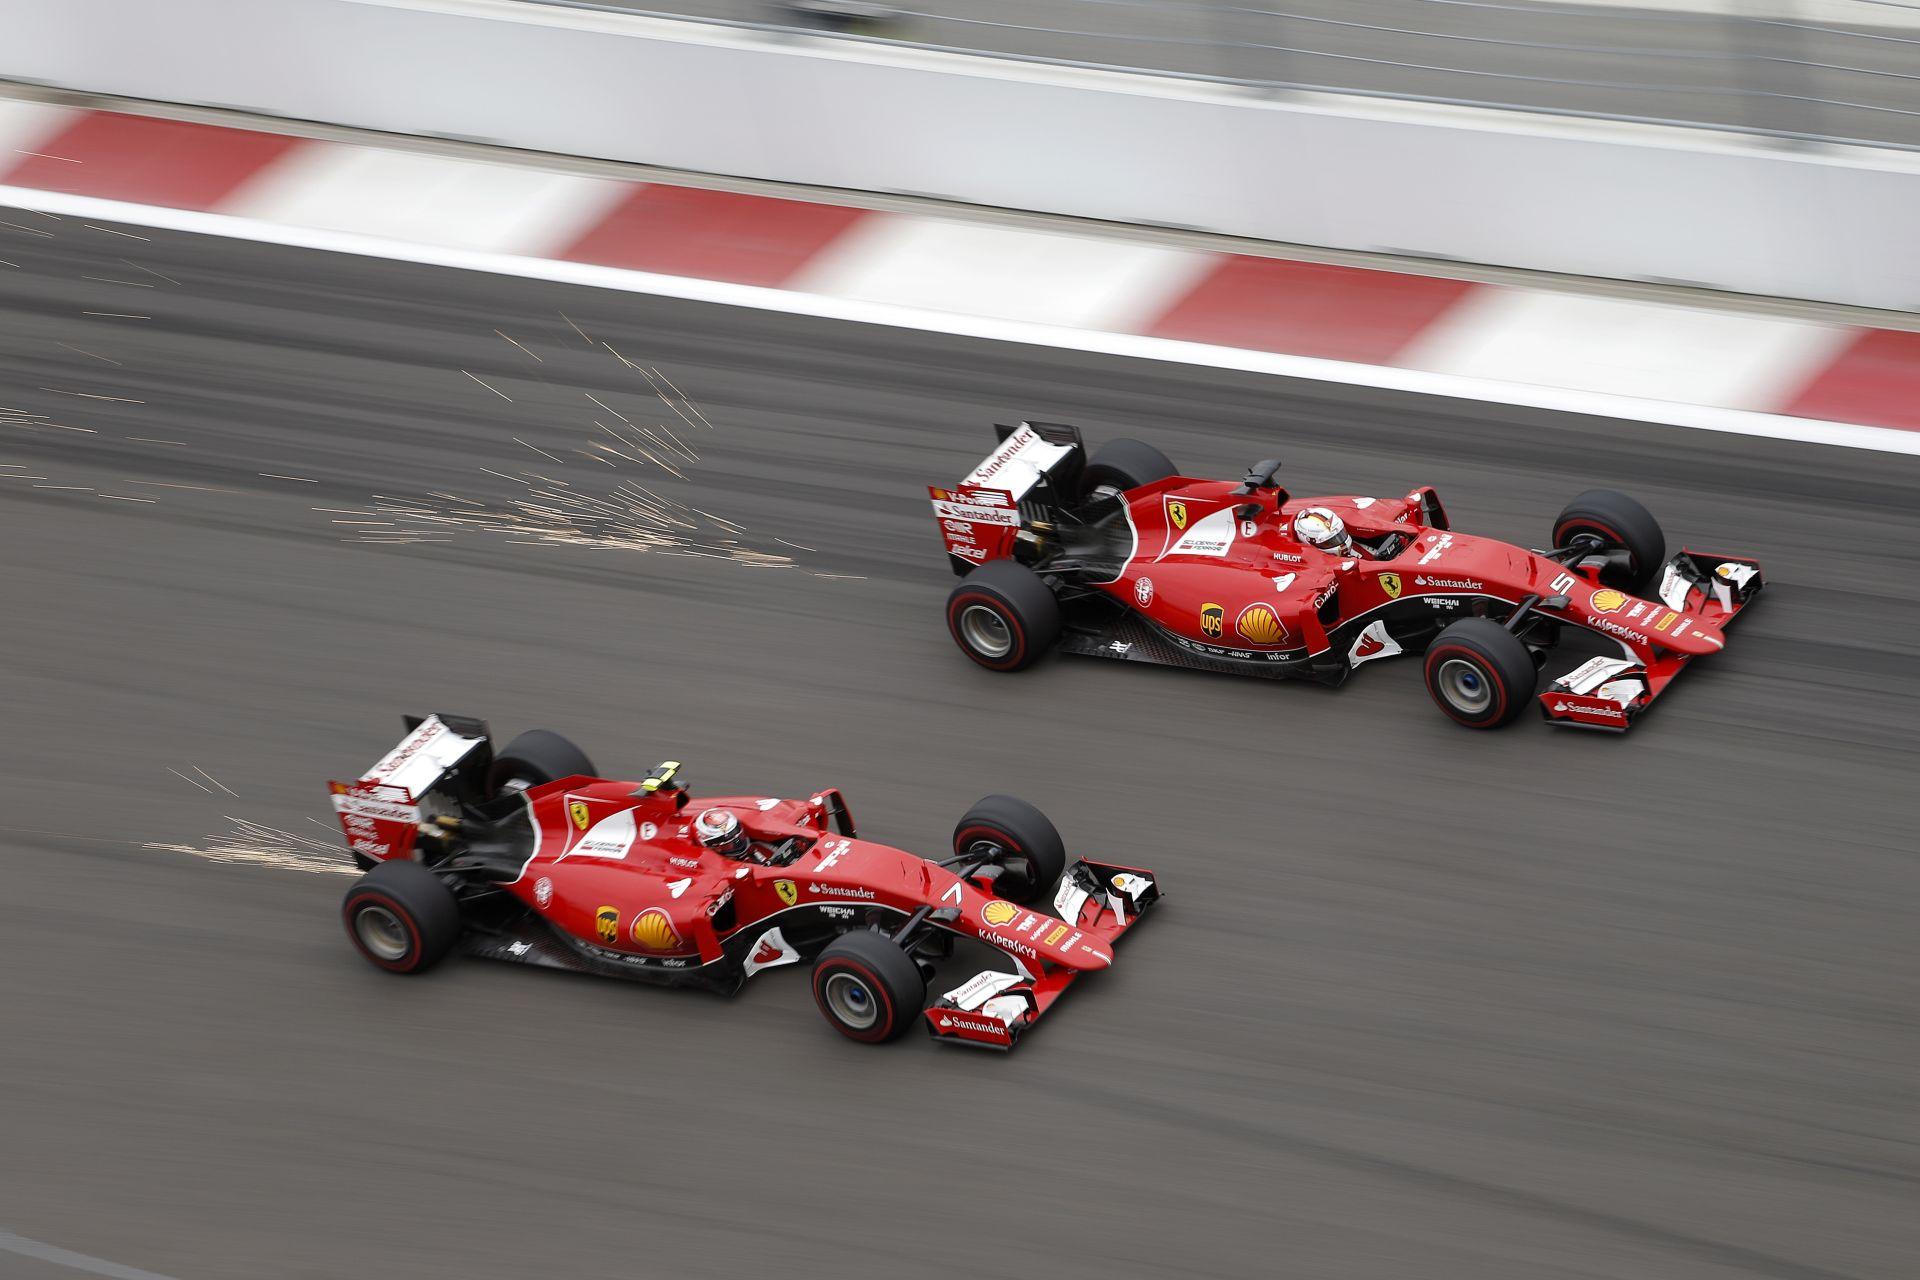 Változni fog pár alapvető dolog a Ferrarin, és Vettel szerint ezt észre is fogjuk venni